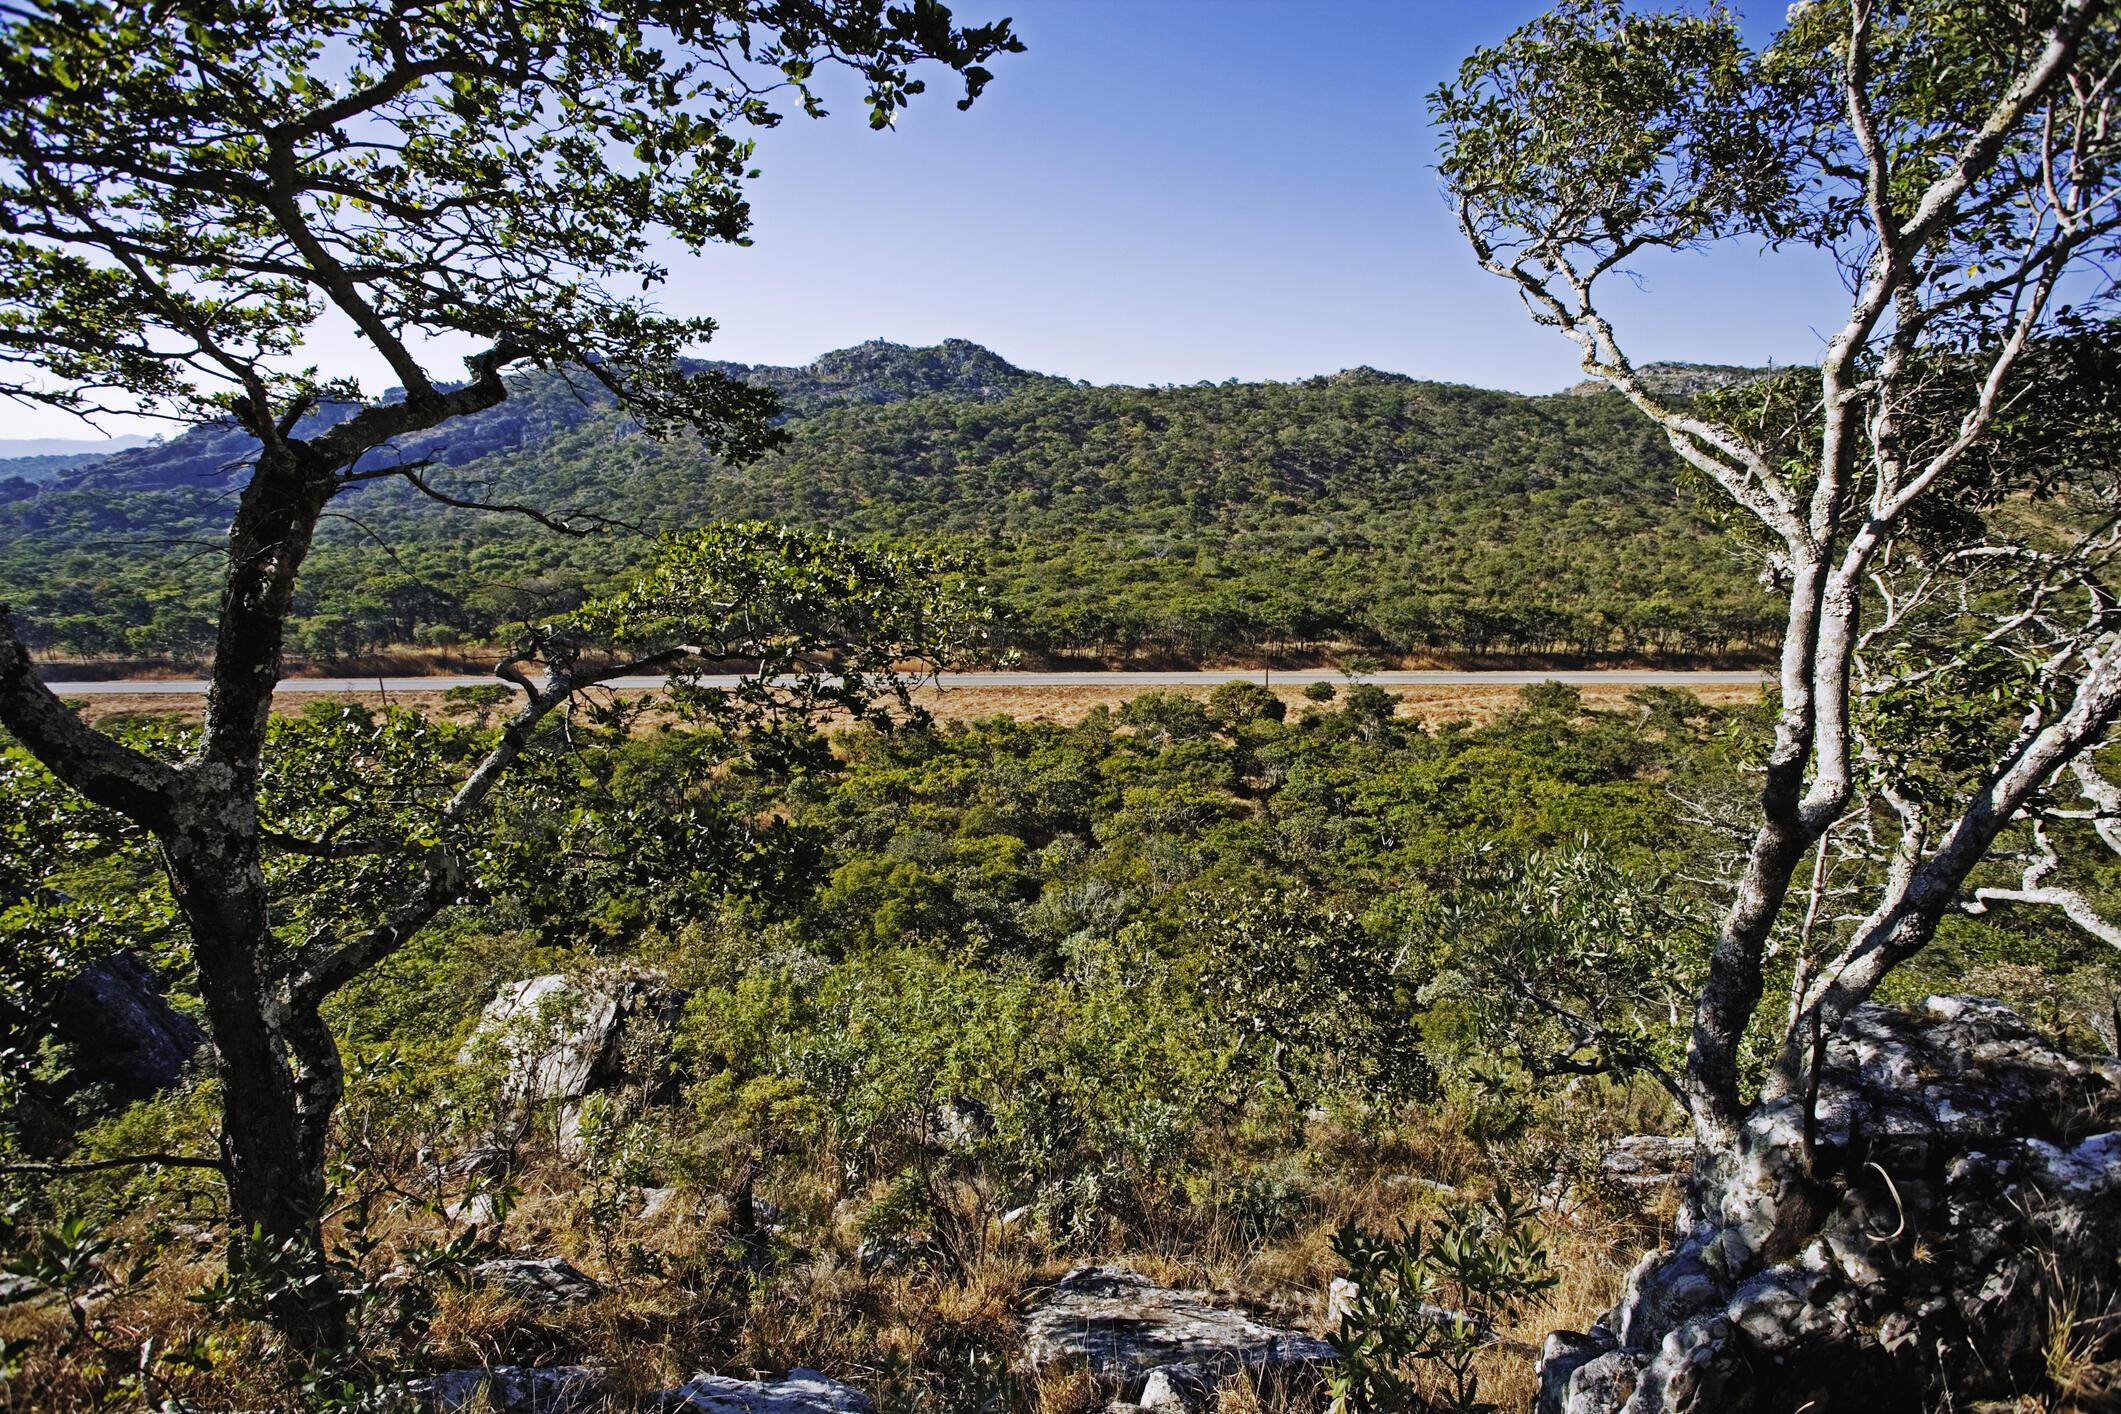 Vue d'une forêt dans la région du Katanga, en RDC.